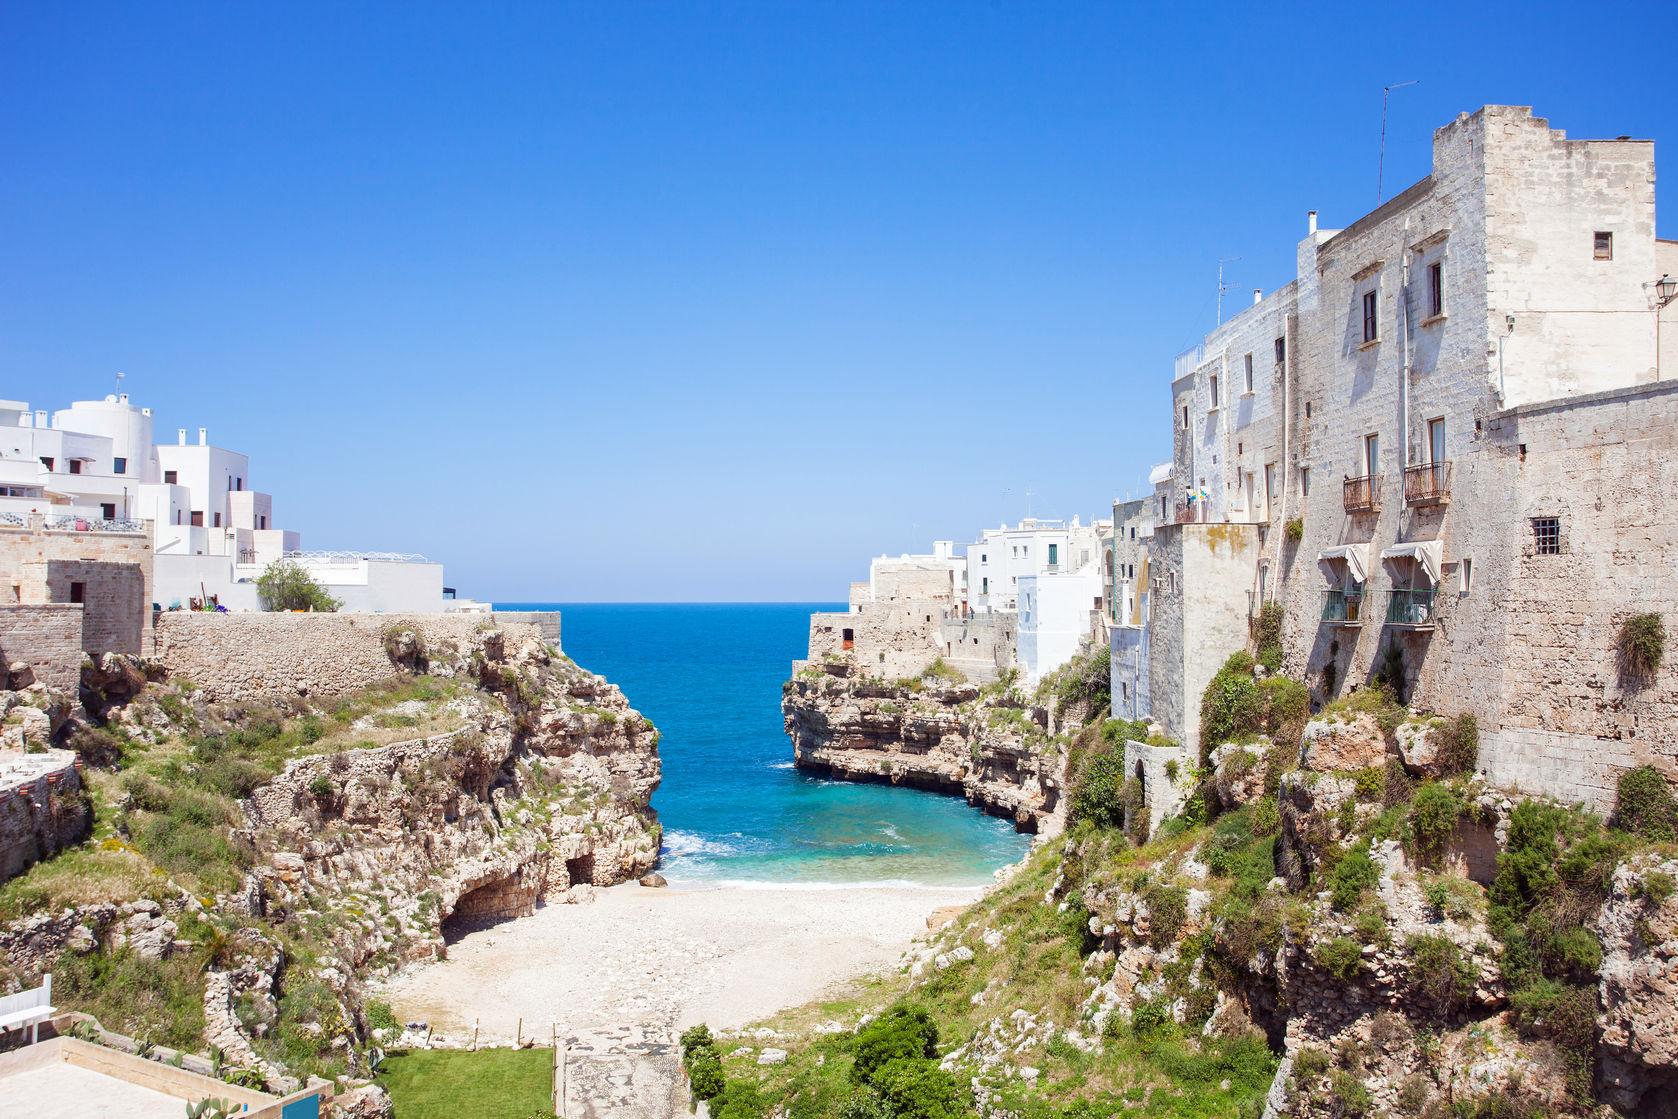 Villaggi turistici in puglia sul mare blog for Citta da visitare in puglia